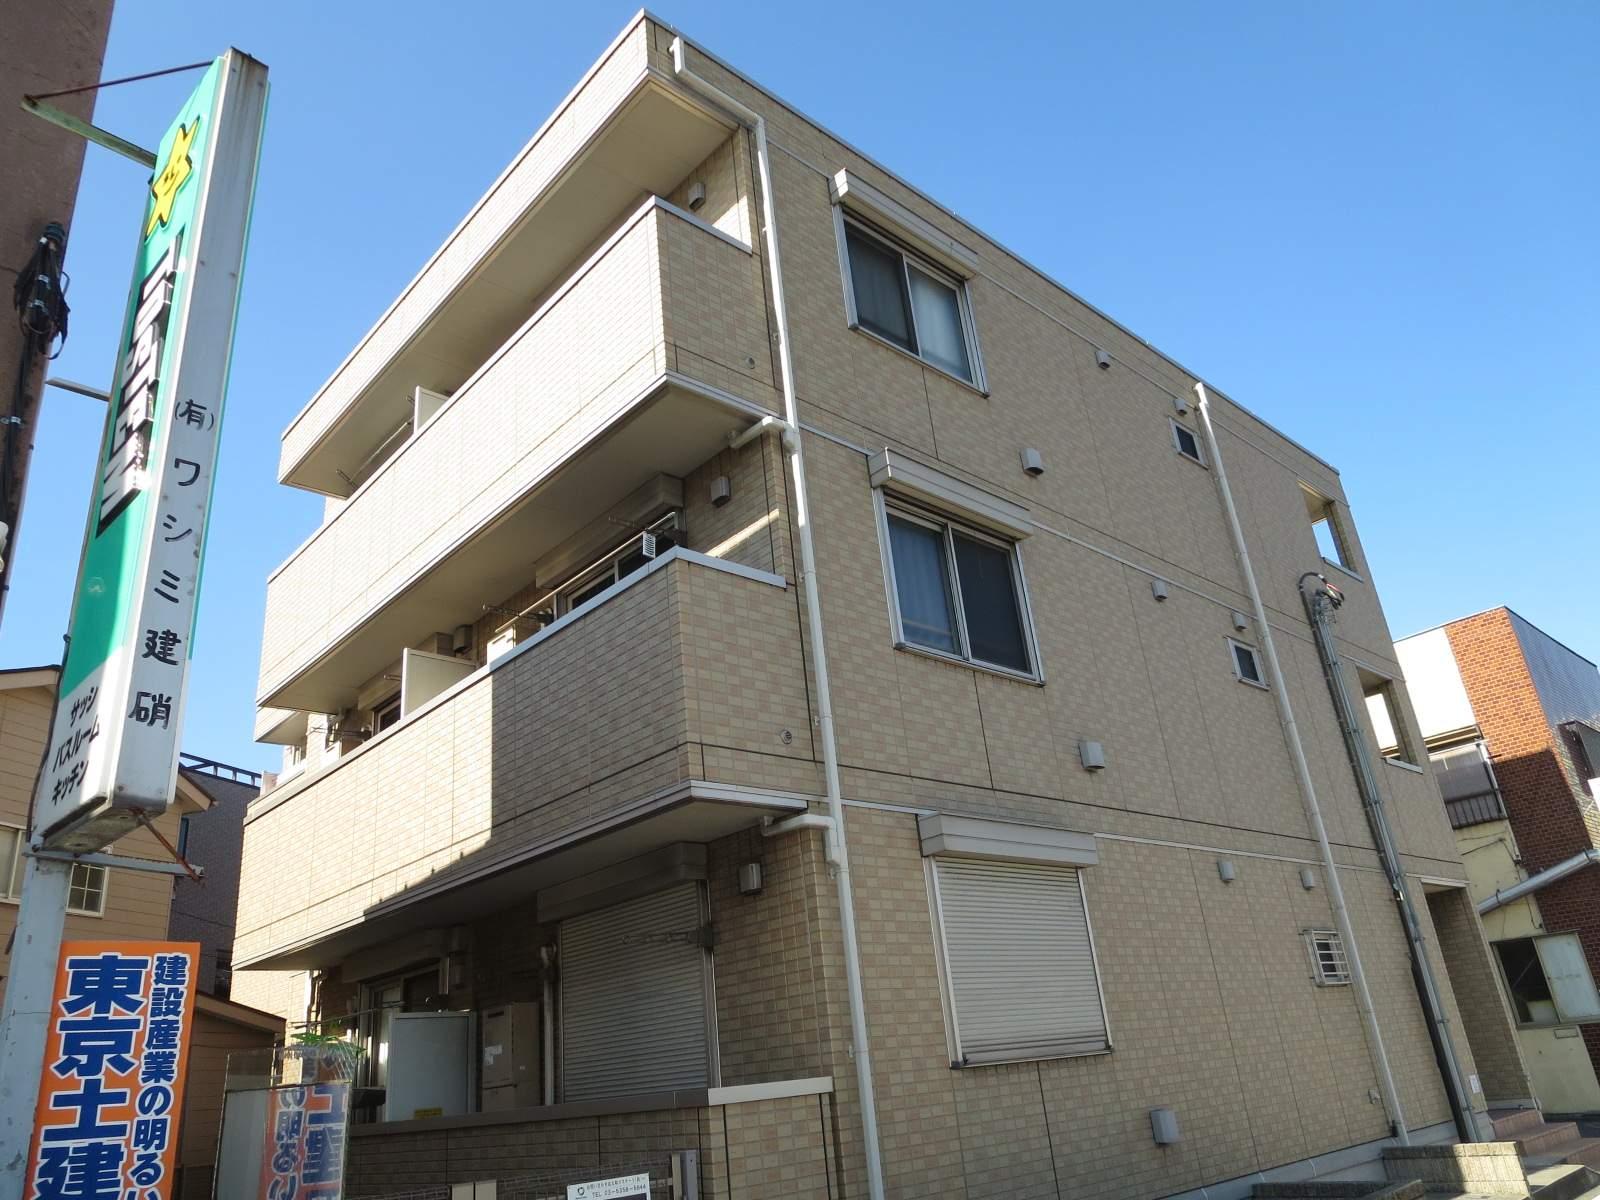 東京都板橋区、浮間舟渡駅徒歩15分の築4年 3階建の賃貸アパート